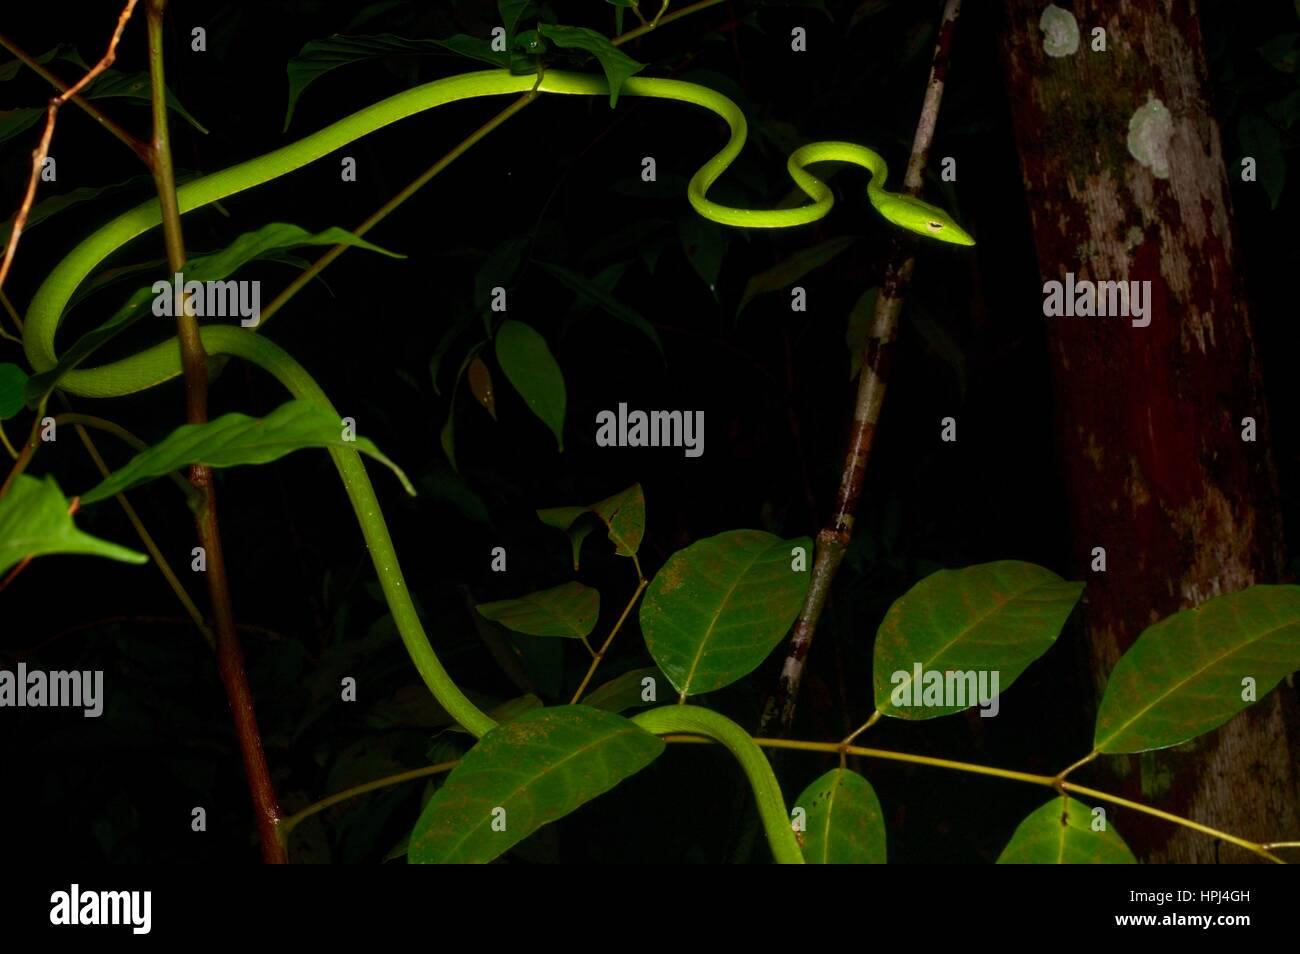 Un serpent vert vif Whip Oriental (Ahaetulla prasina) dans la forêt tropicale dans la nuit dans le Parc National Summit Pinehurst Golf & Country Club, Sarawak, l'Est de la Malaisie, Bornéo Banque D'Images